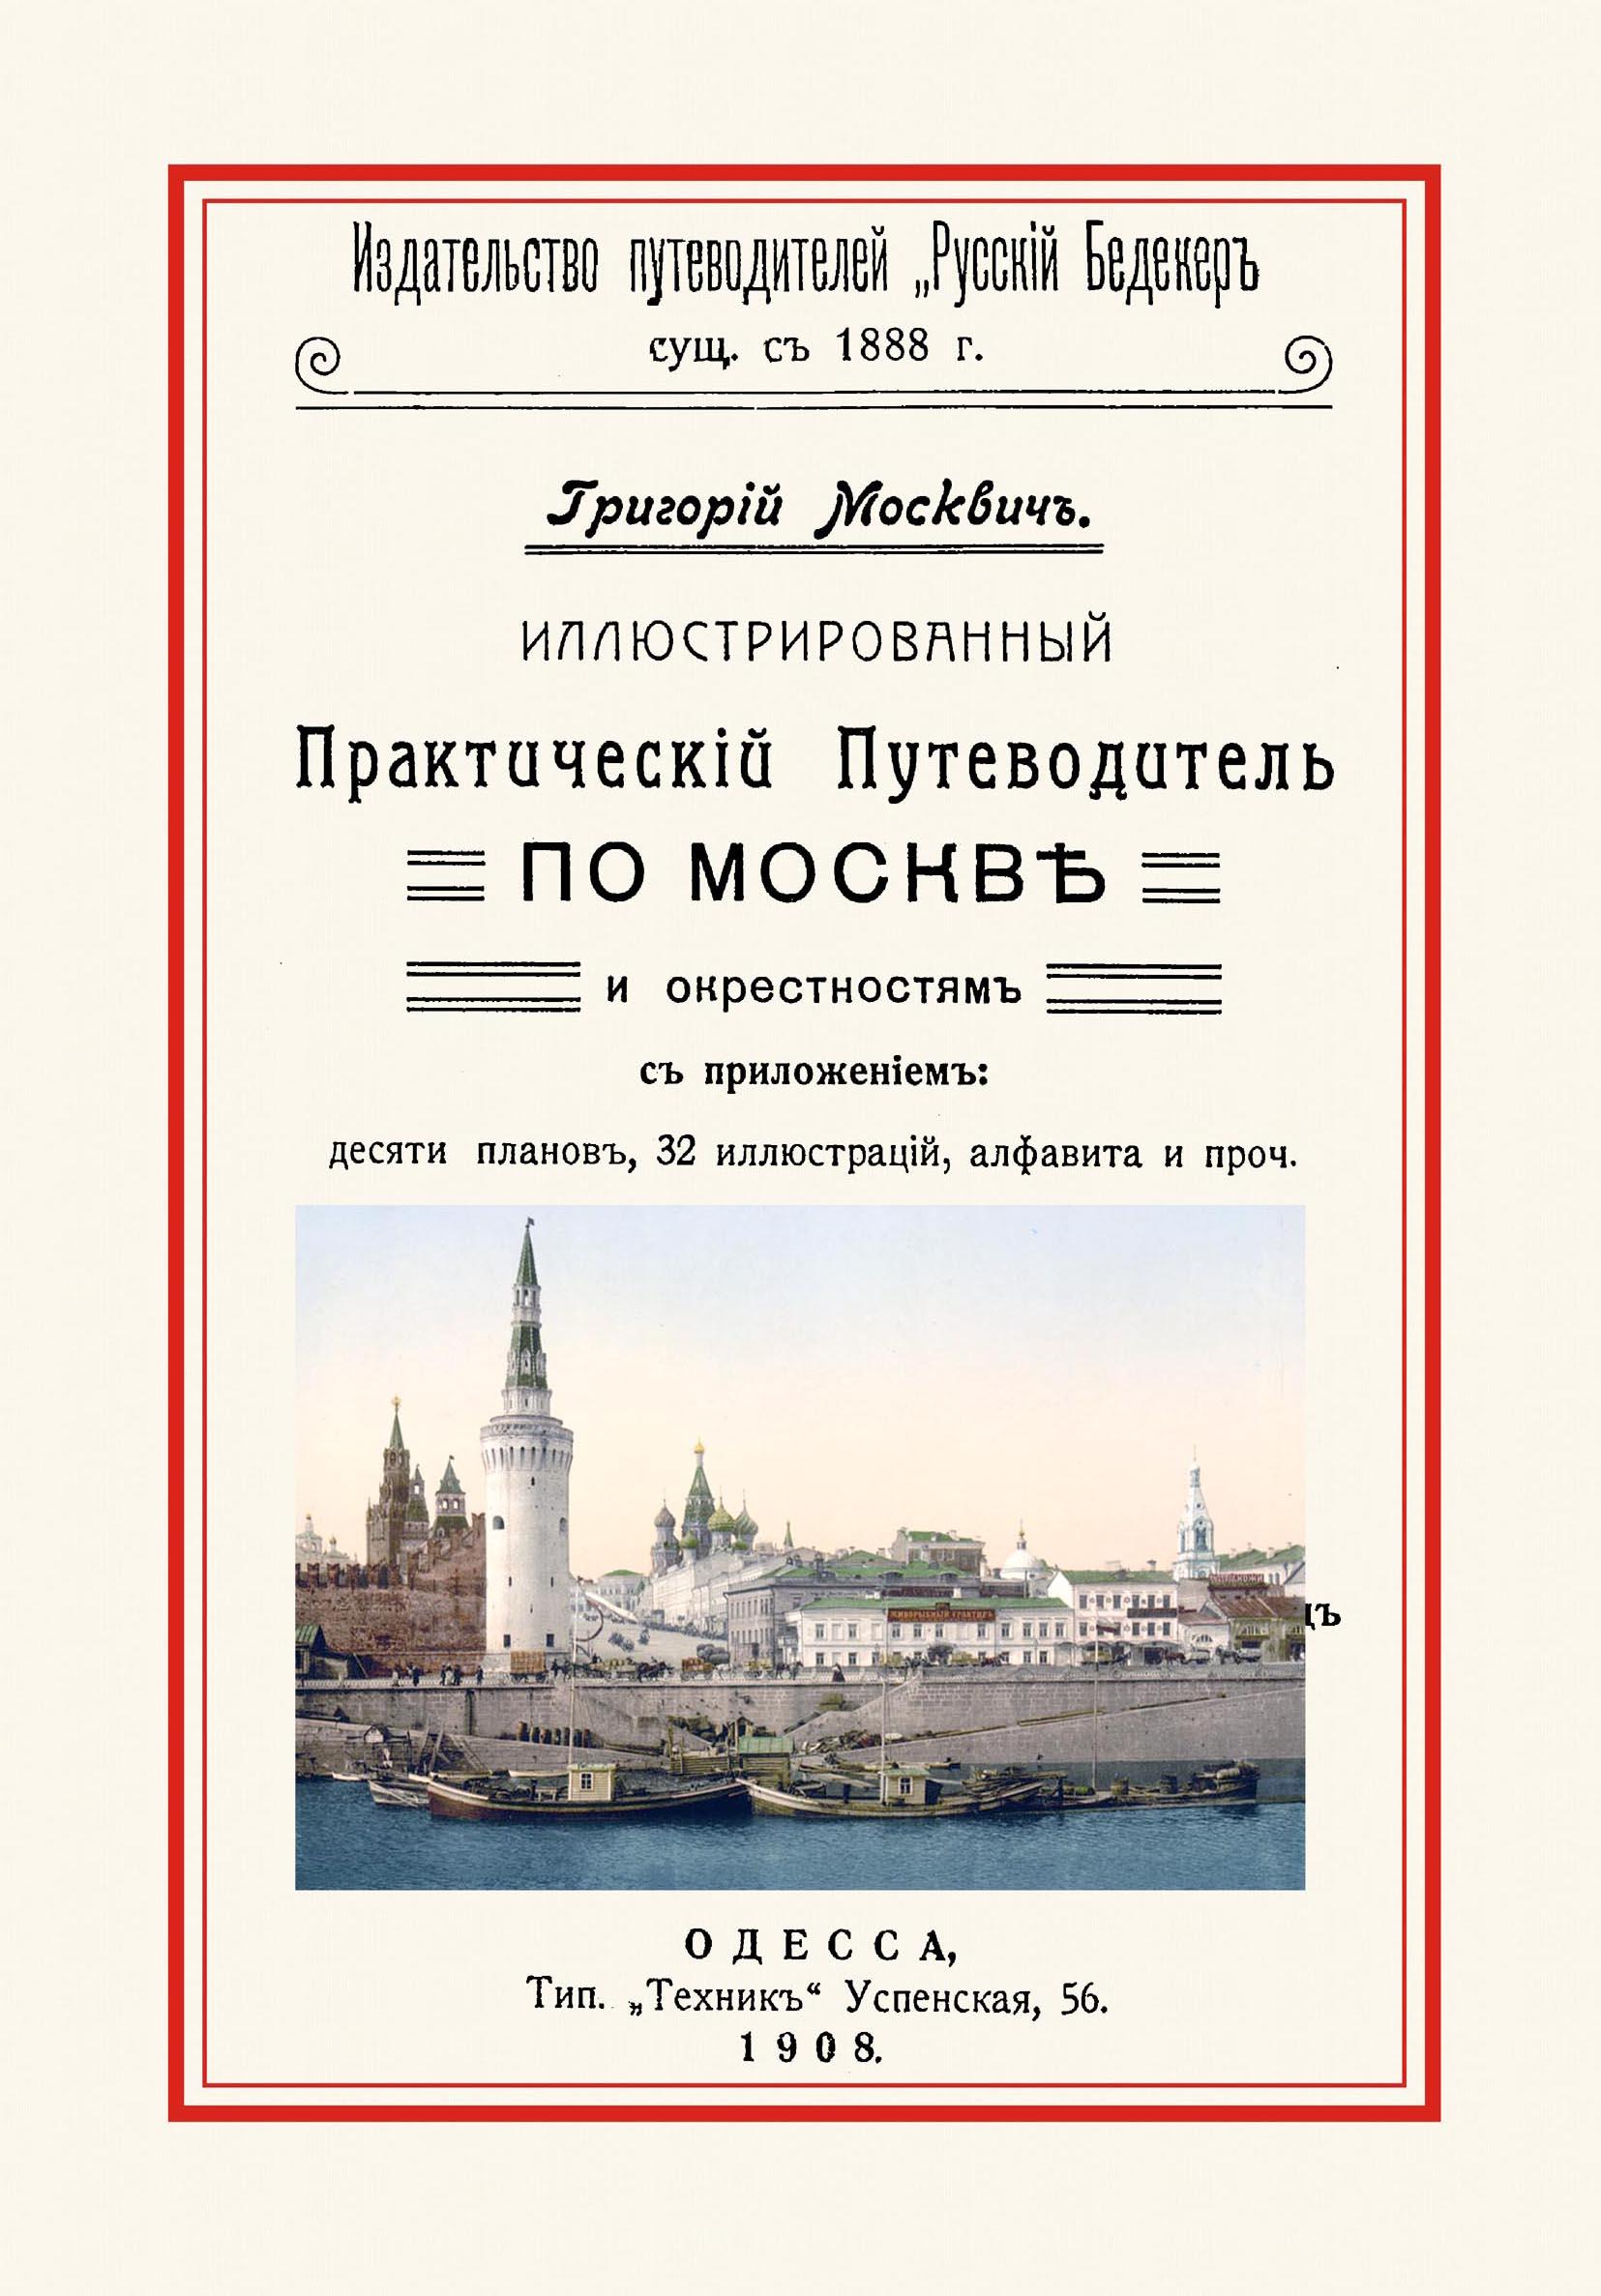 Г. Москвичъ Иллюстрированный практический путеводитель по Москве